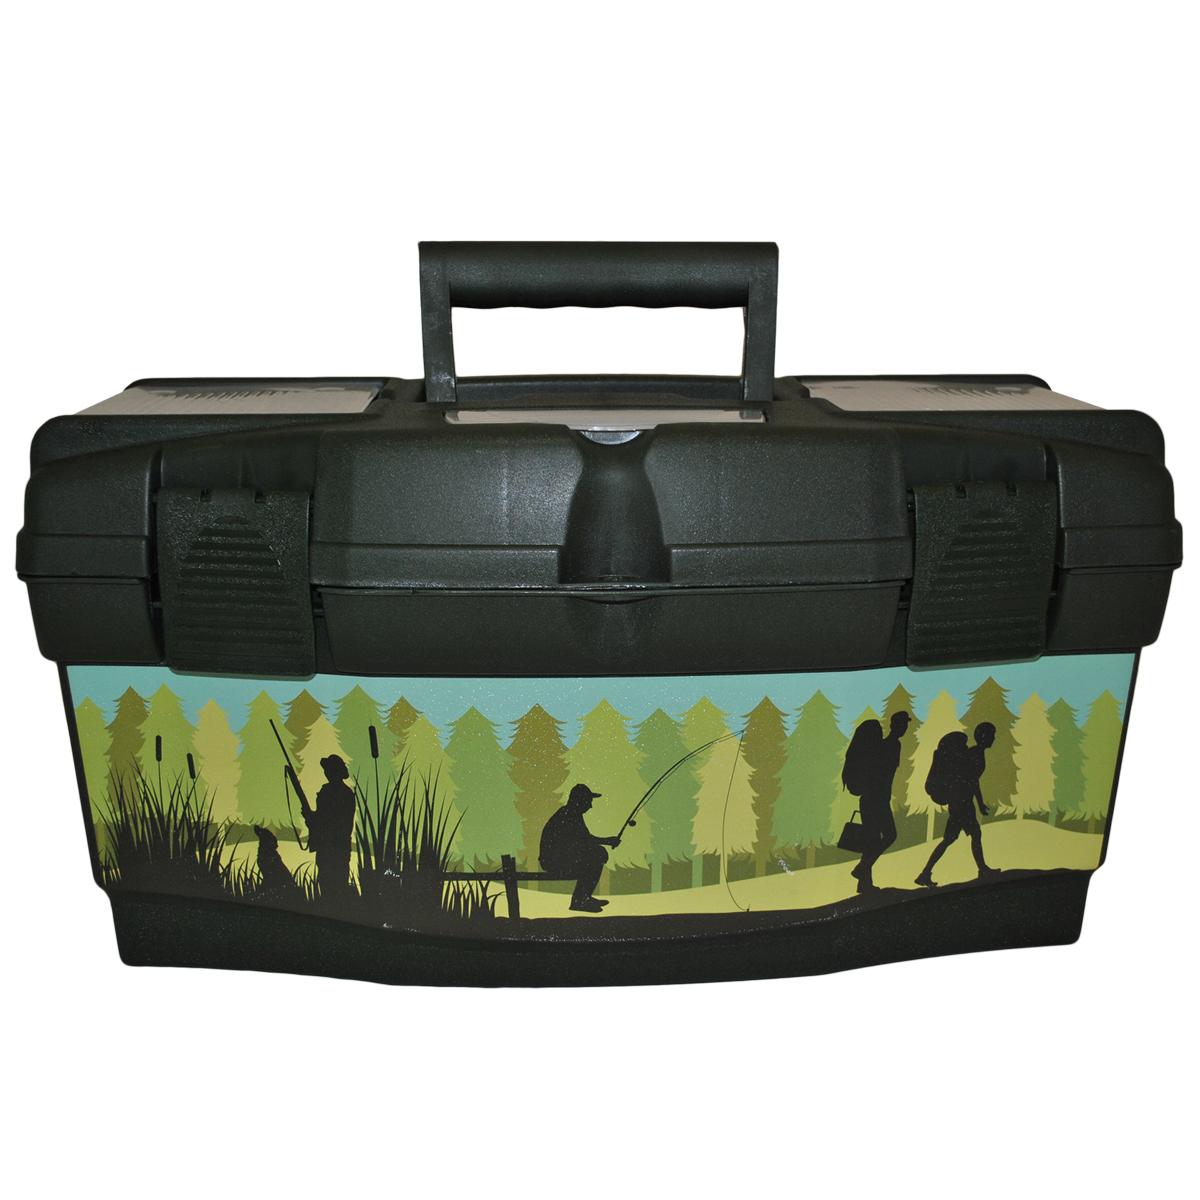 Ящик для инструментов Blocker Master Tour. Рыбак, цвет: темно-зеленый, 405 х 215 х 230 ммBR3796ТЗЛ-РыбакМногофункциональный ящик Blocker Master Tour. Рыбак отлично подходит для хранения небольших рыболовных и охотничьих принадлежностей, может быть использован для переноски мангала, посуды и многих вещей, которые могут понадобиться на отдыхе или в путешествии. Ящик изготовлен с применением технологии IML (вплавляемая этикетка), что придает ему привлекательный внешний вид и указывает потребителю на его функциональное назначение.